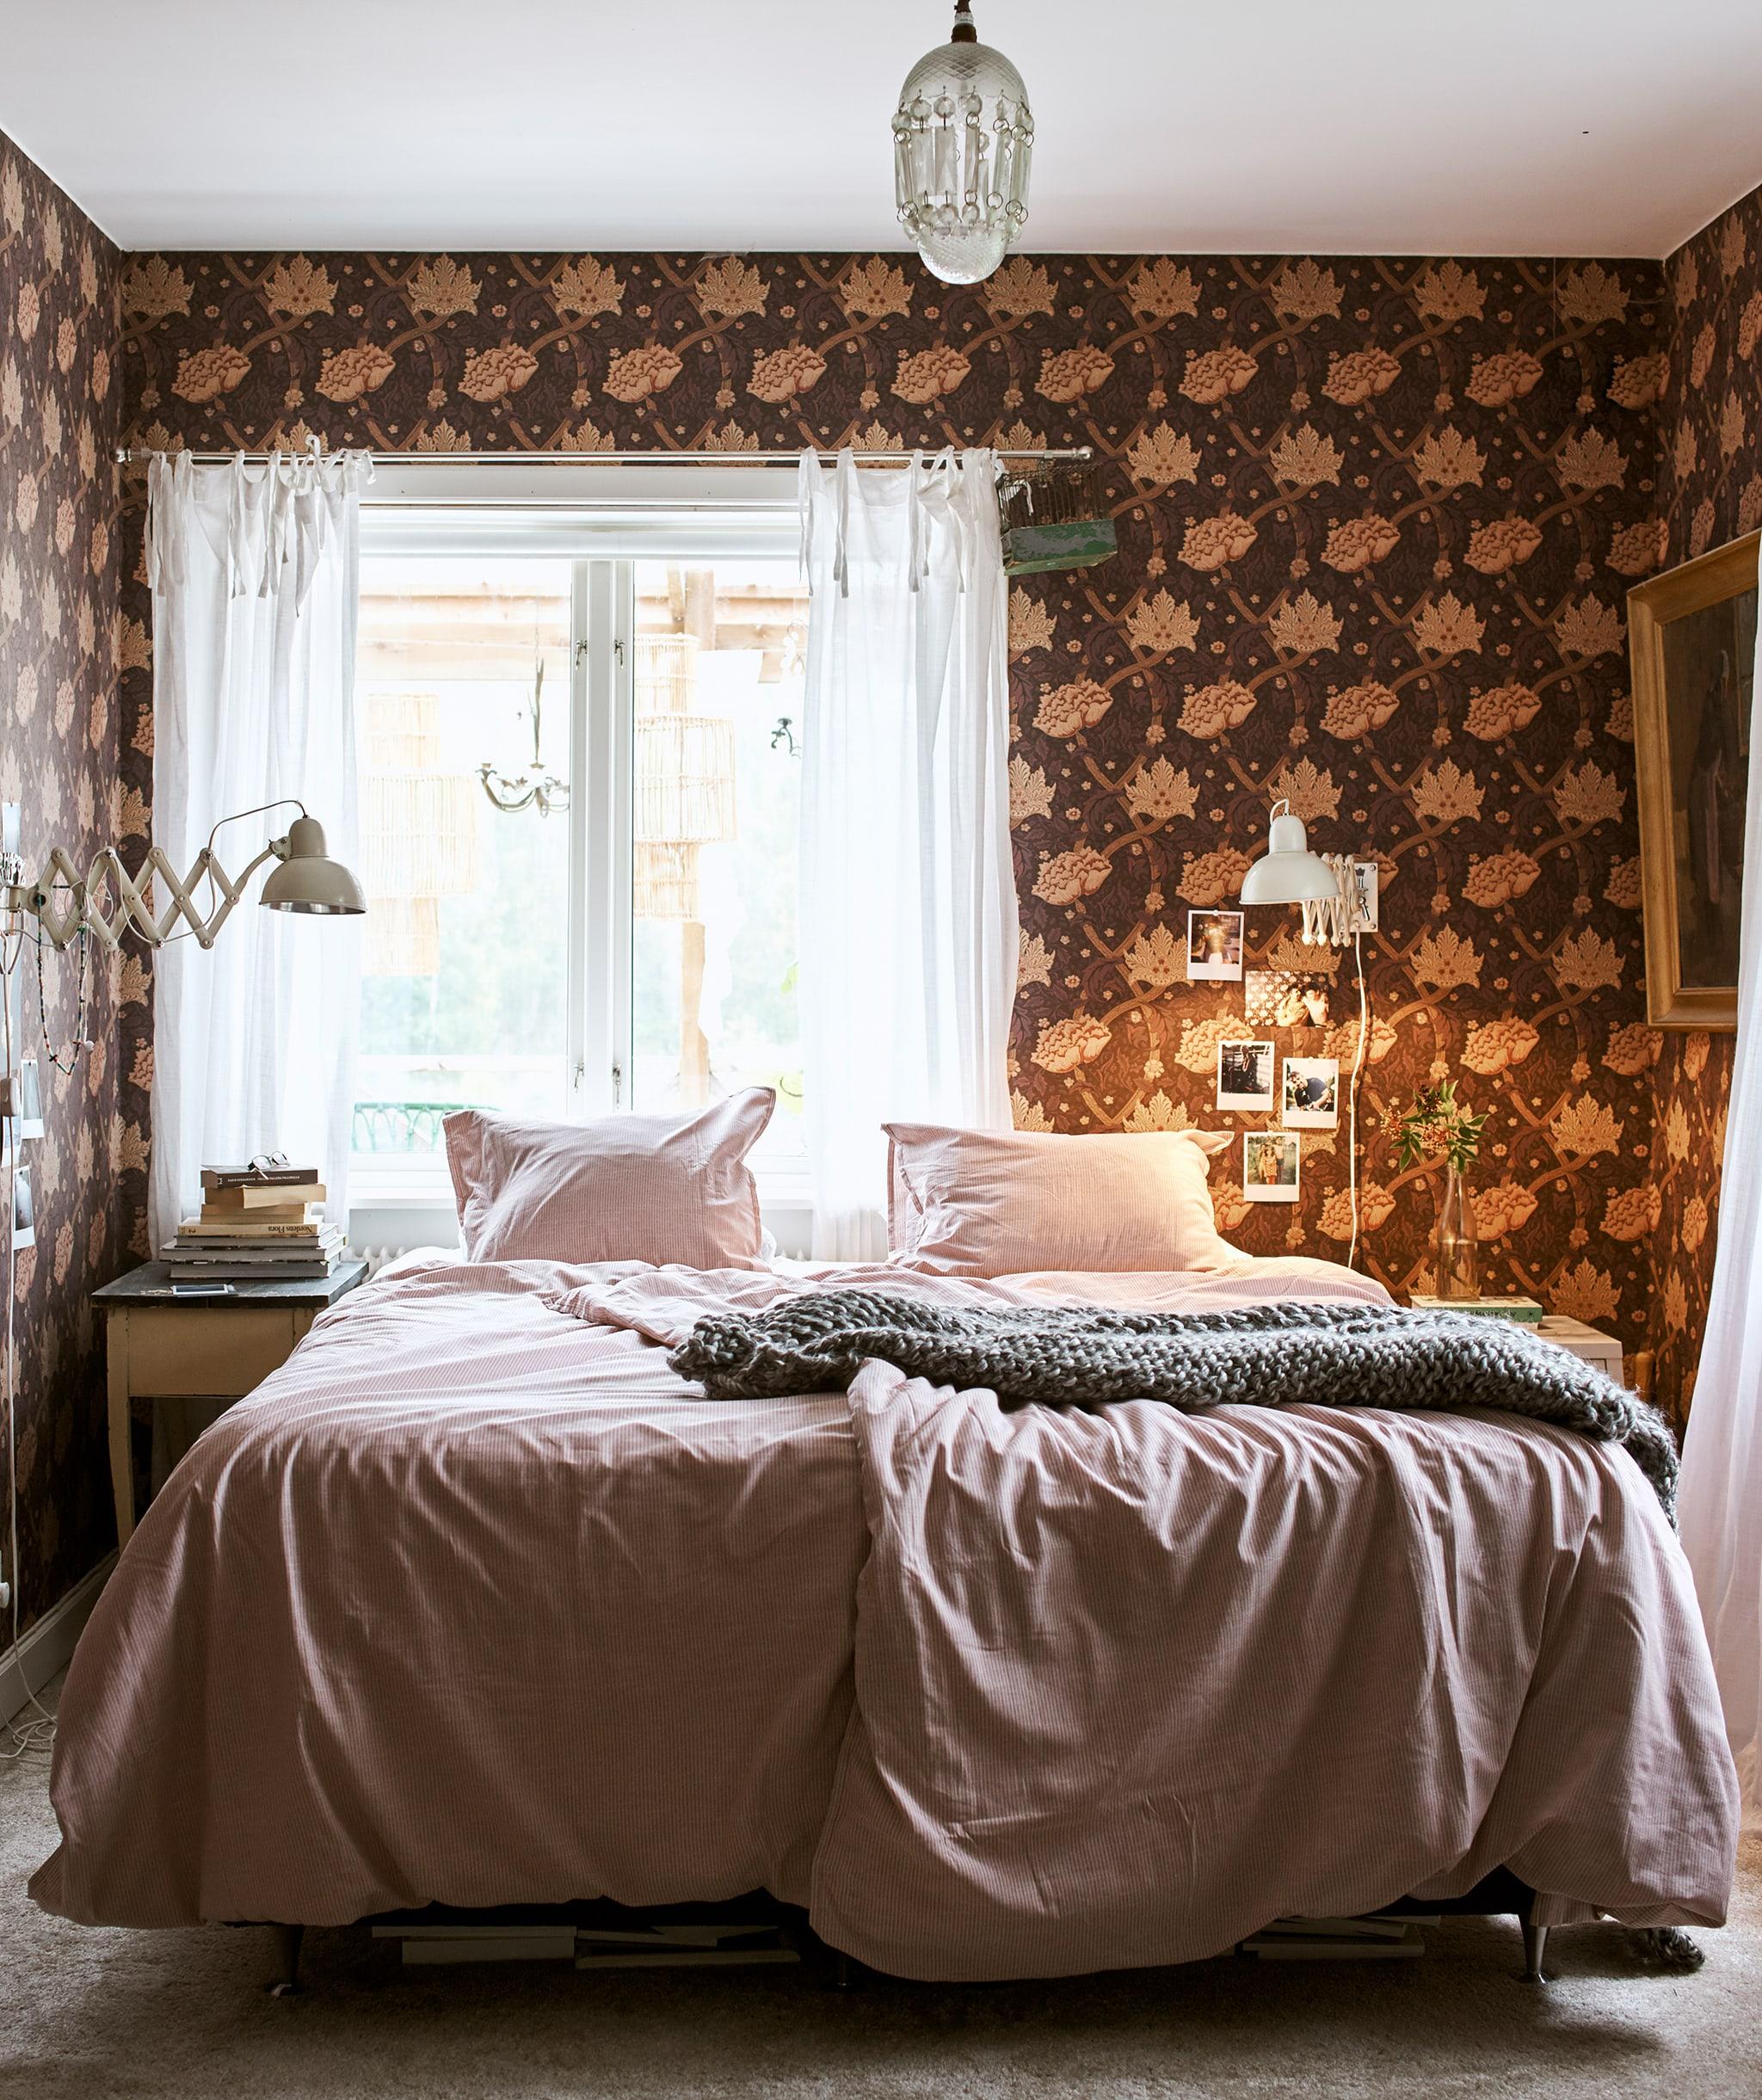 Tempat tidur dengan seprei merah muda dan selimut kecil abu-abu di tengah ruangan dengan lampu gantung dan wallpaper bermotif bunga.